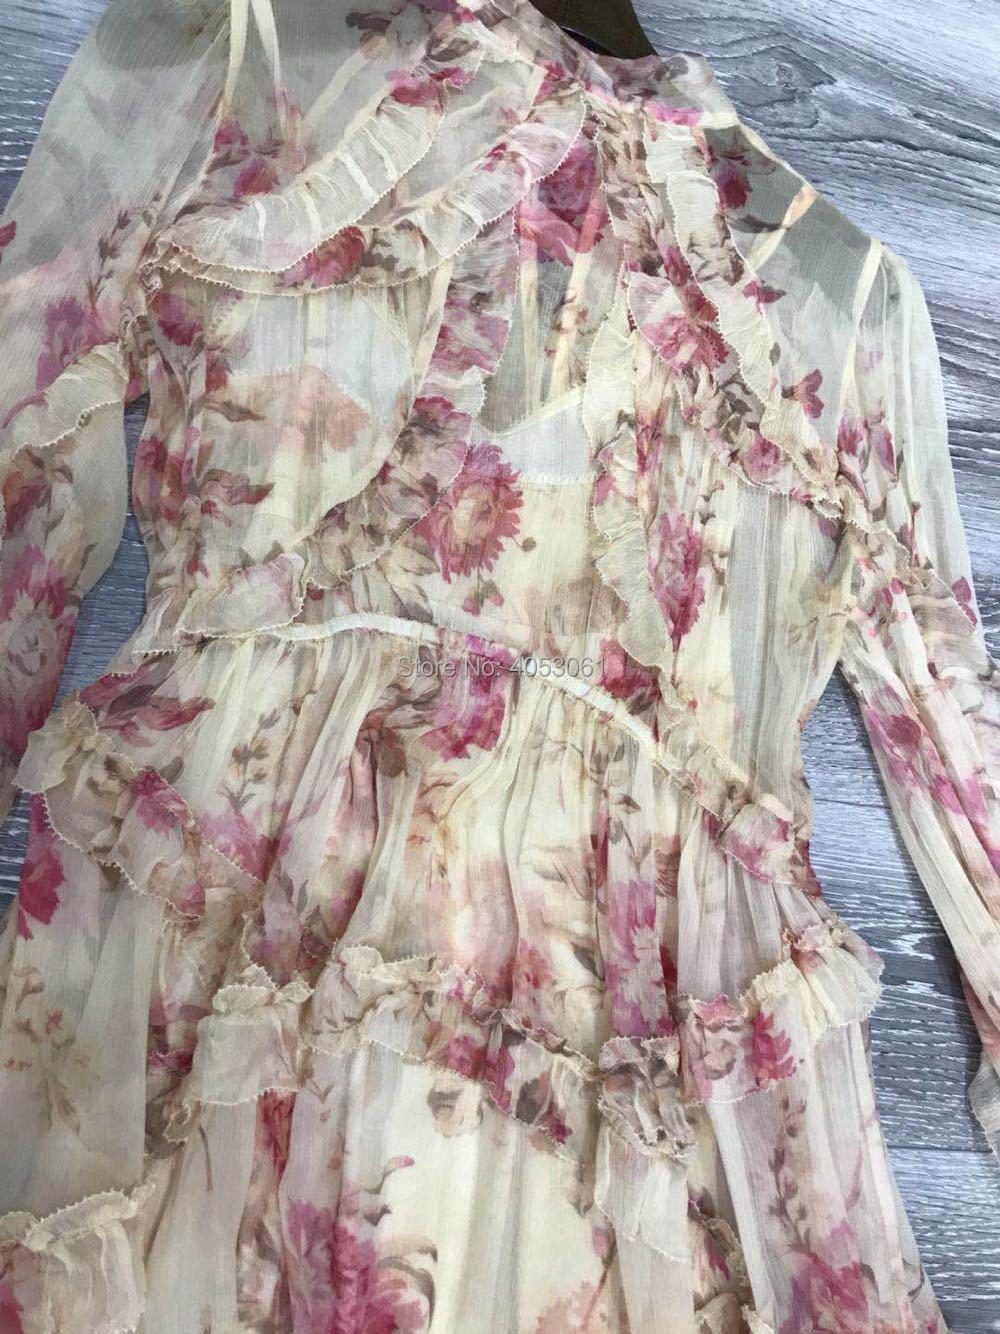 Termine Flottant De Soie Corsair Floral Robe Gland Mode 100 Femme Blouson Nouvelle Manches 2018ss Imprimé Crème Se Arc Cravate B0wnqaX